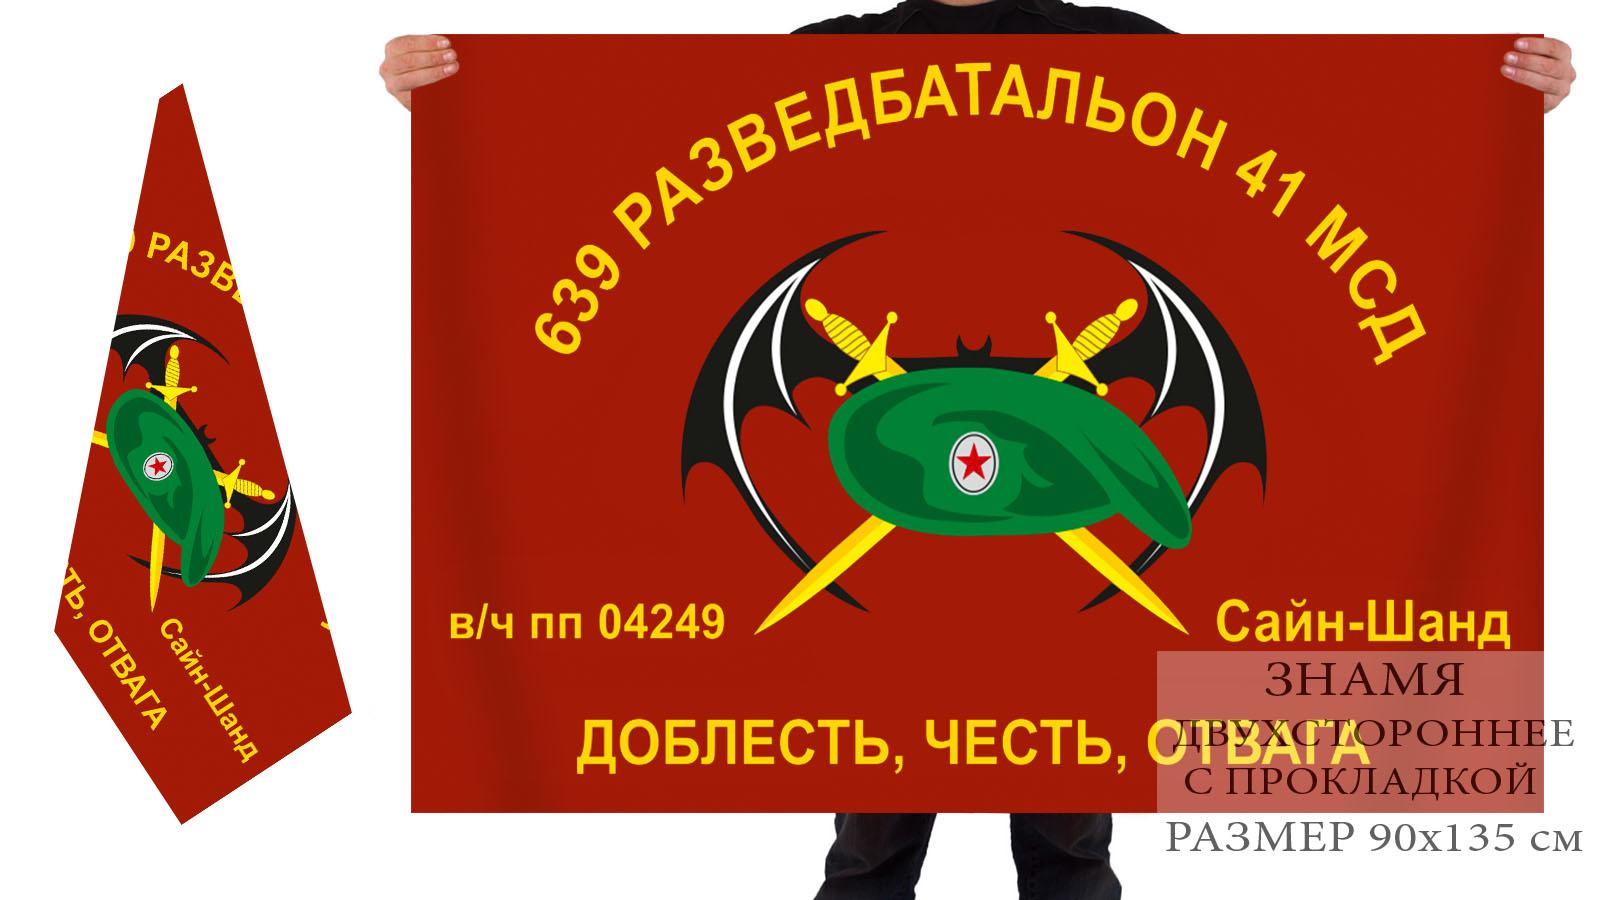 Двусторонний флаг 639 ОРБ 41 МСД